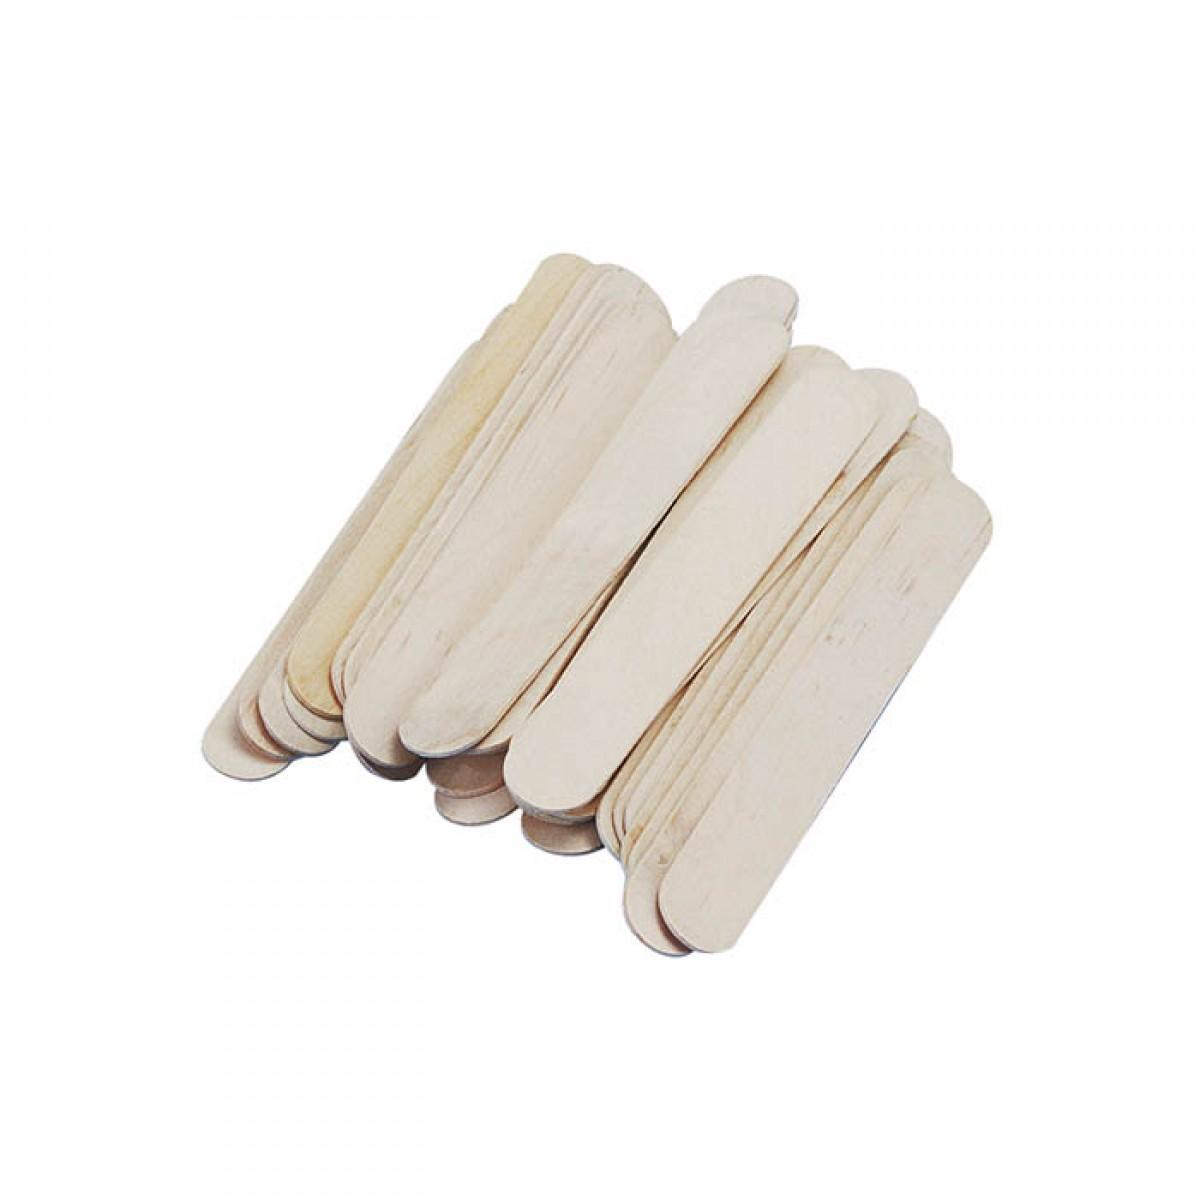 Ξυλάκια Χειροτεχνίας Φυσικό Χρώμα (80 Τεμ.) Υλικά Χειροτεχνίας